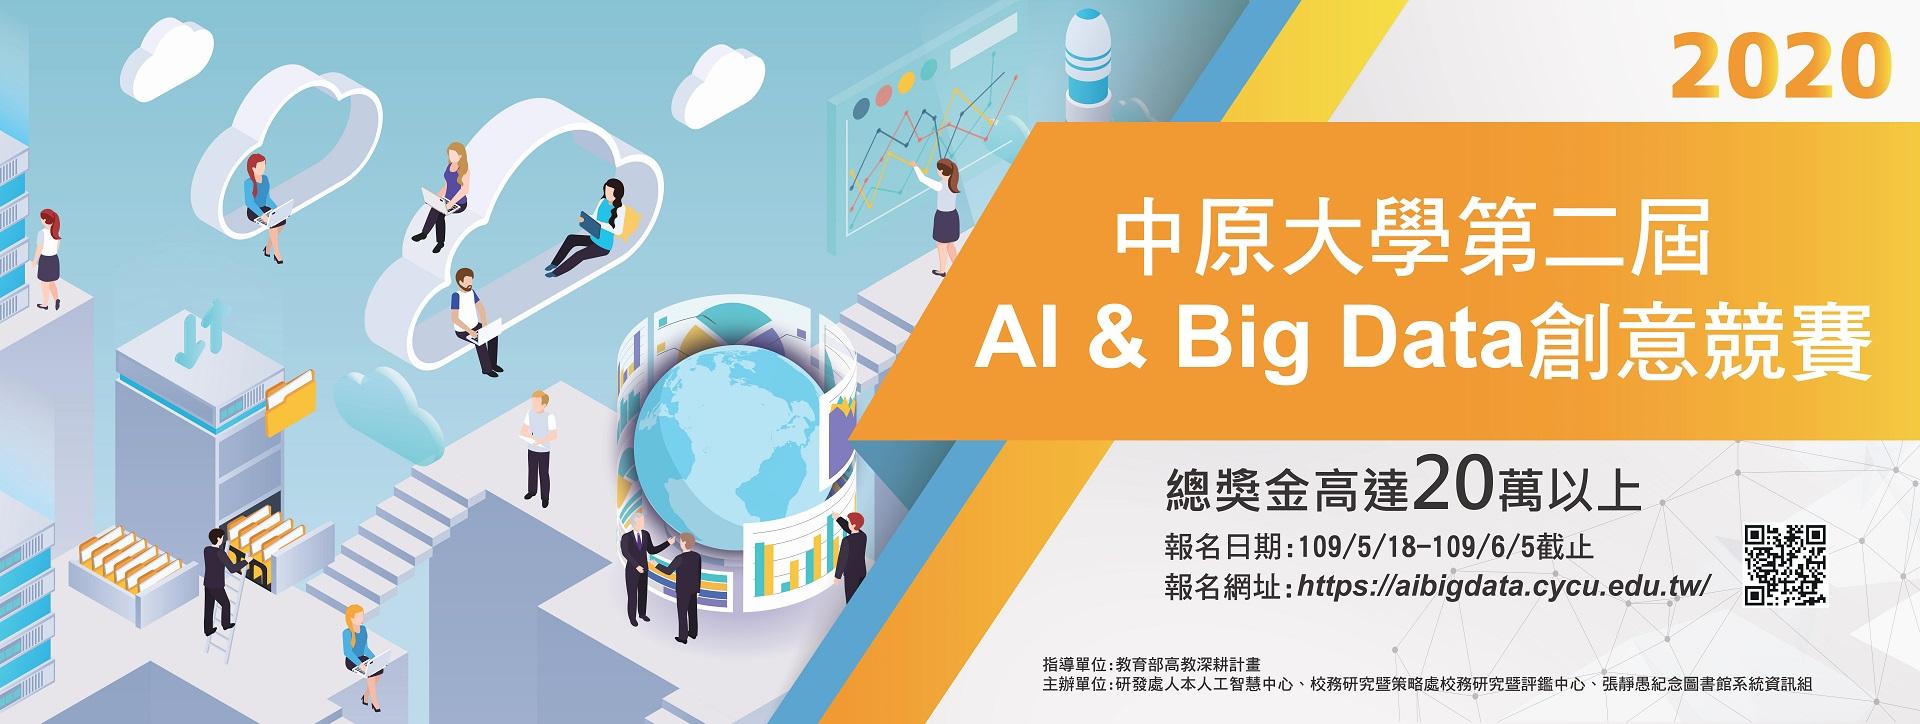 中原大學第二屆人工智慧與大數據創意競賽